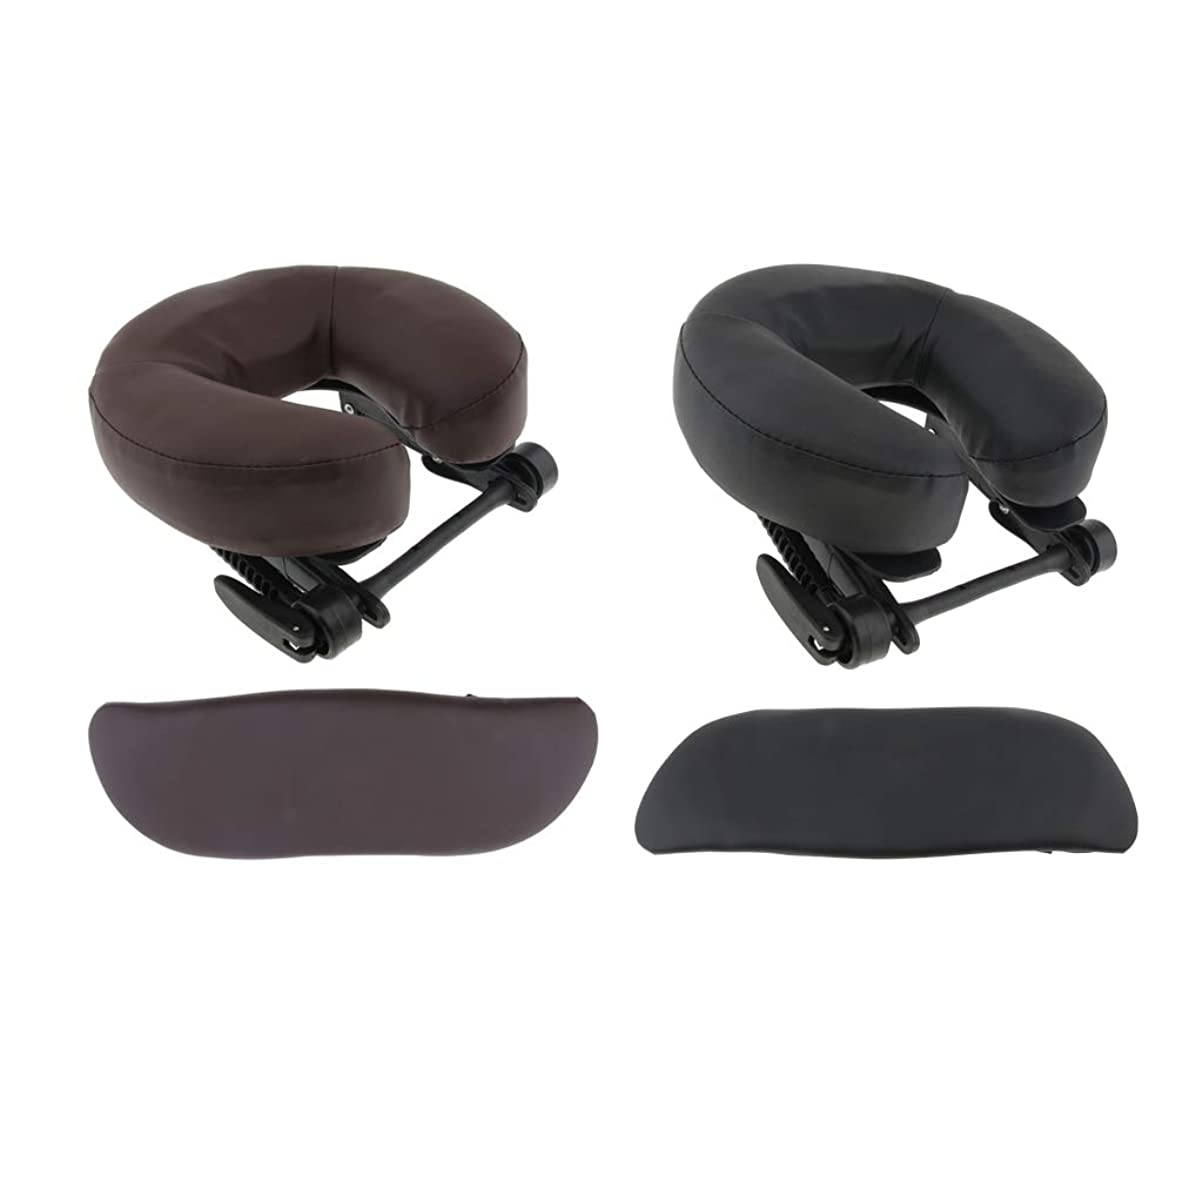 リテラシー反響するちらつきchiwanji 顔枕 マッサージ用 フェイスピロー U字型 アームサポート マッサージテーブル用 全2種選択 - ブラウン+ブラック